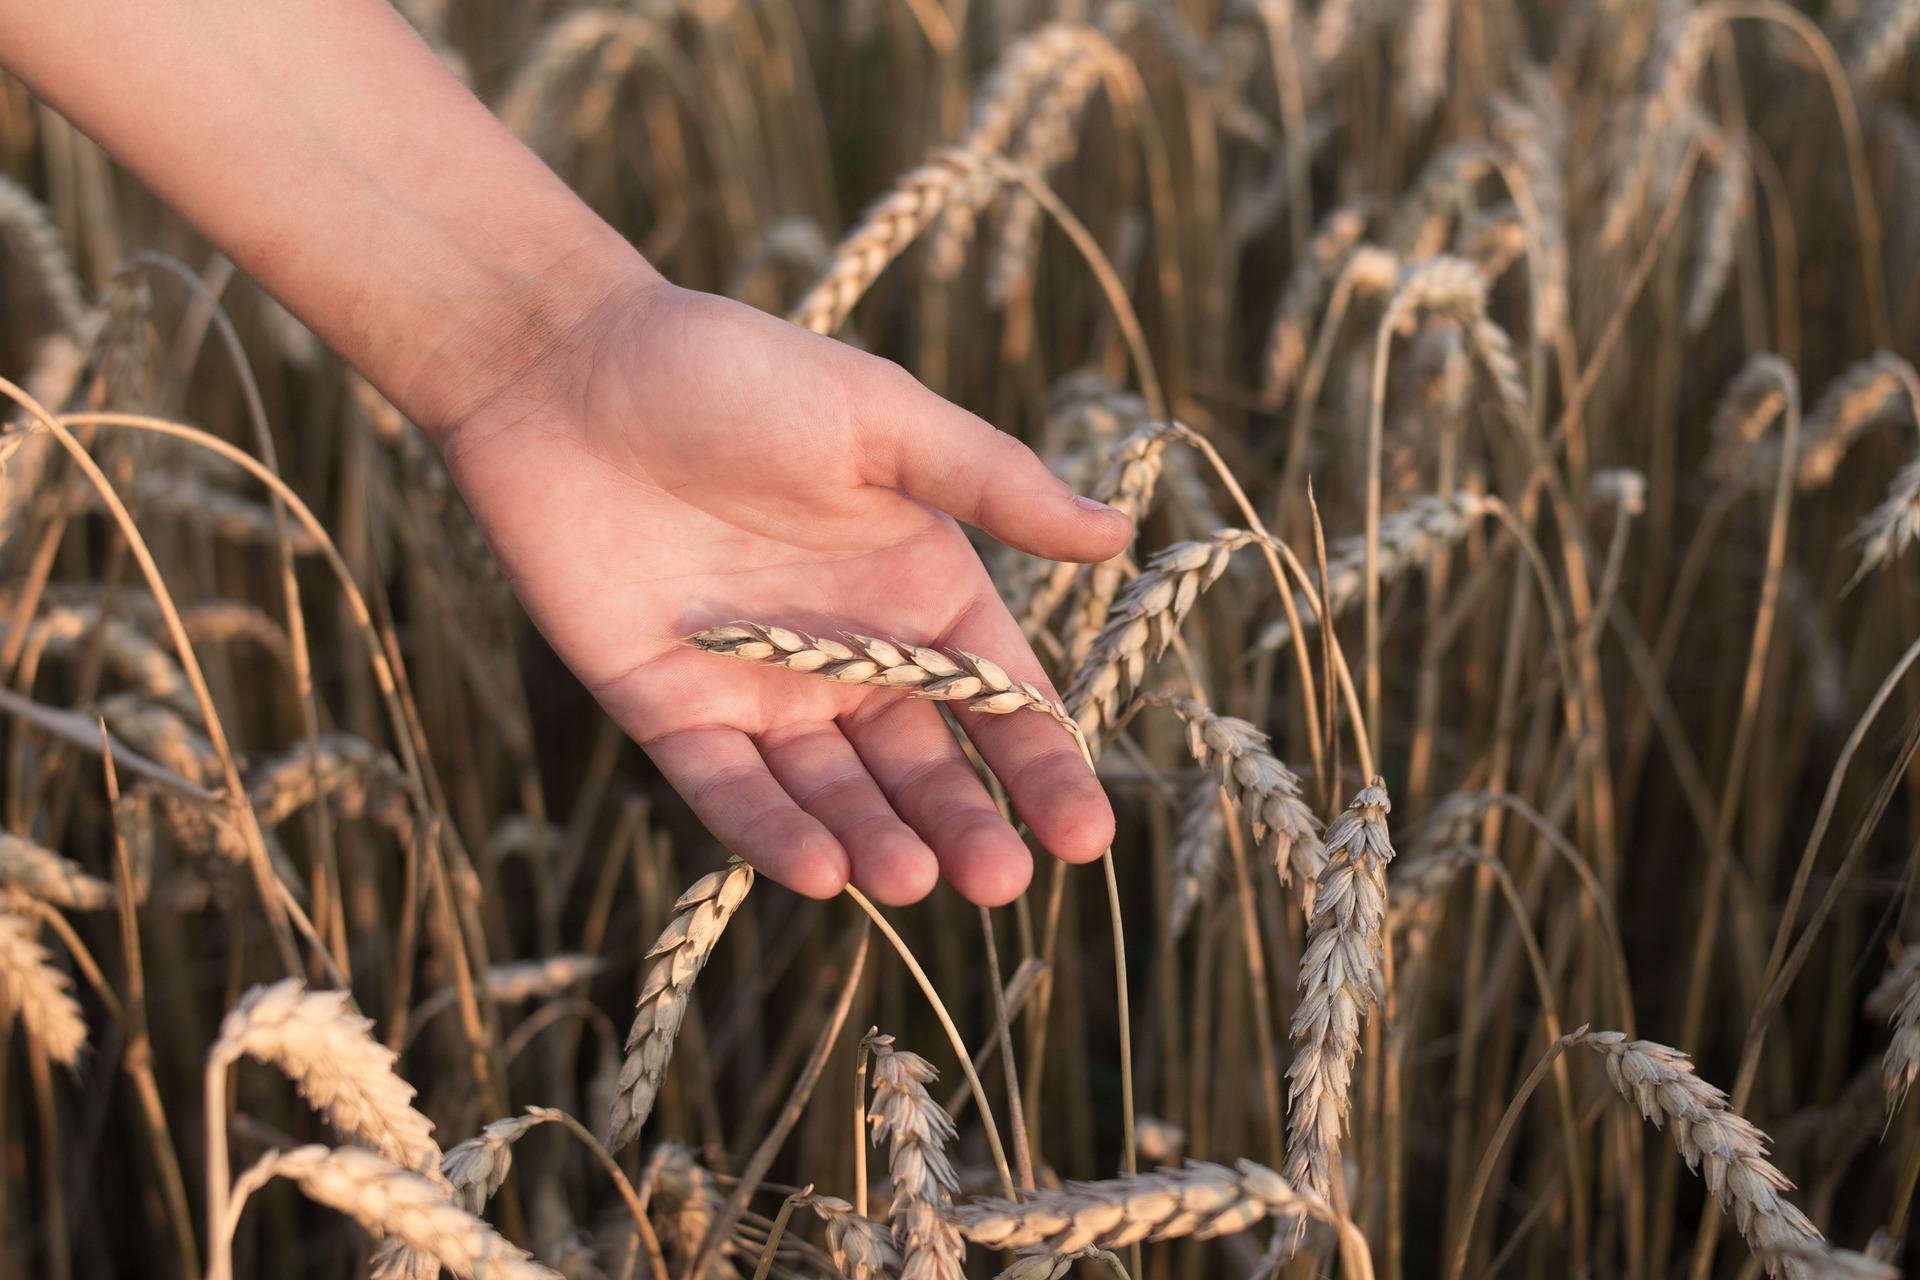 Nos champs communs : Collecte intergénérationnelle de mémoires paysannes